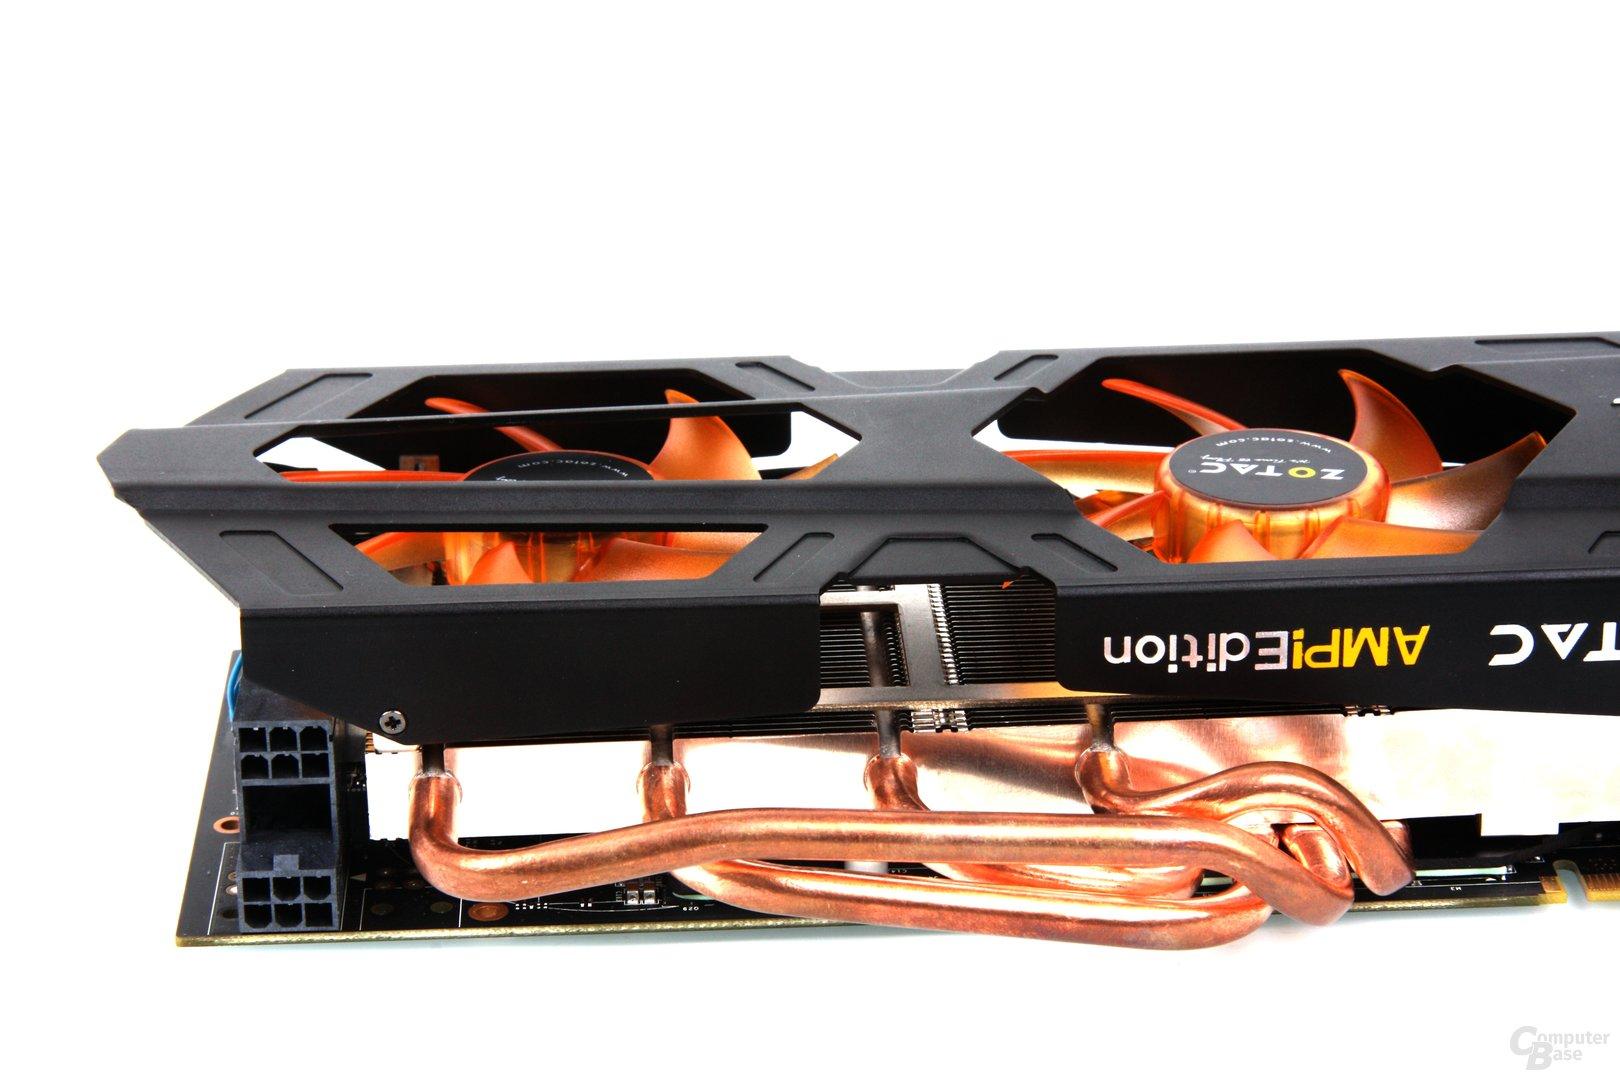 GeForce GTX 670 AMP! Stromanschlüsse